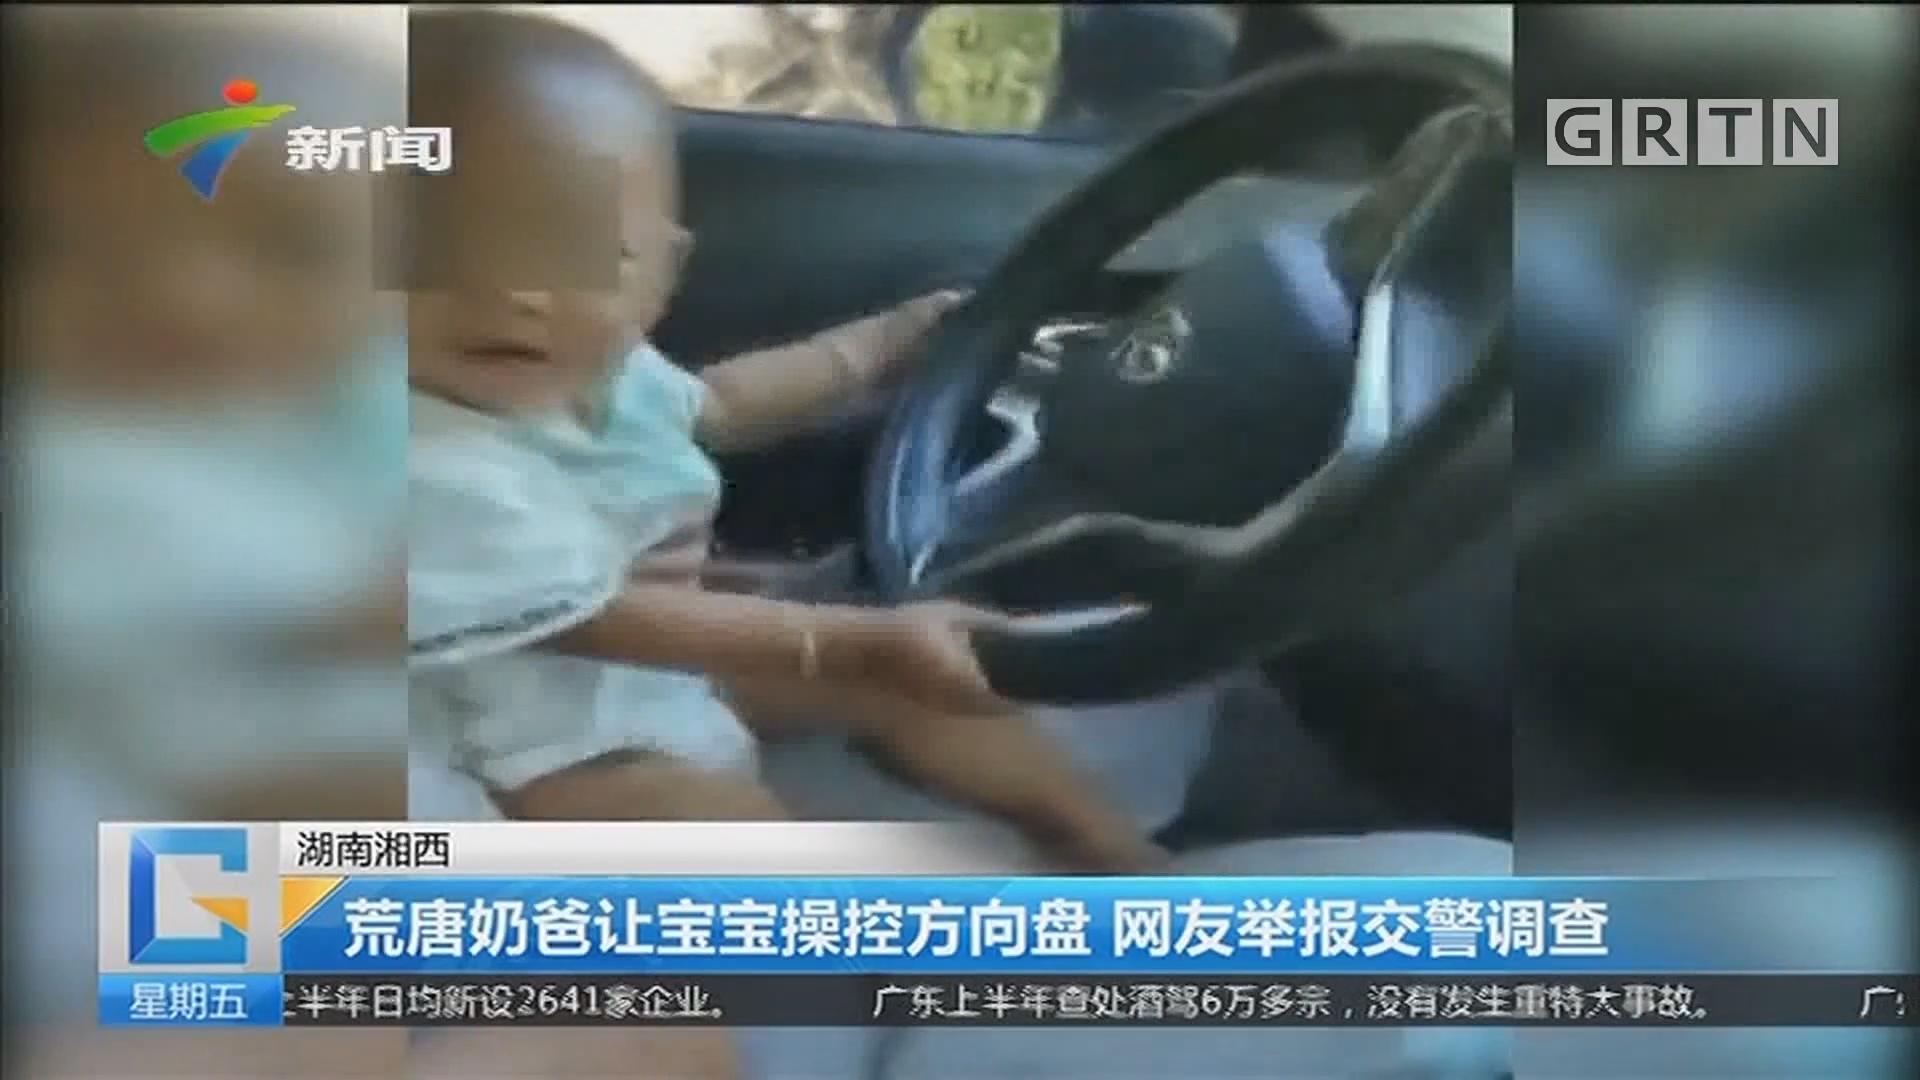 湖南湘西:荒唐奶爸让宝宝操控方向盘 网友举报交警调查